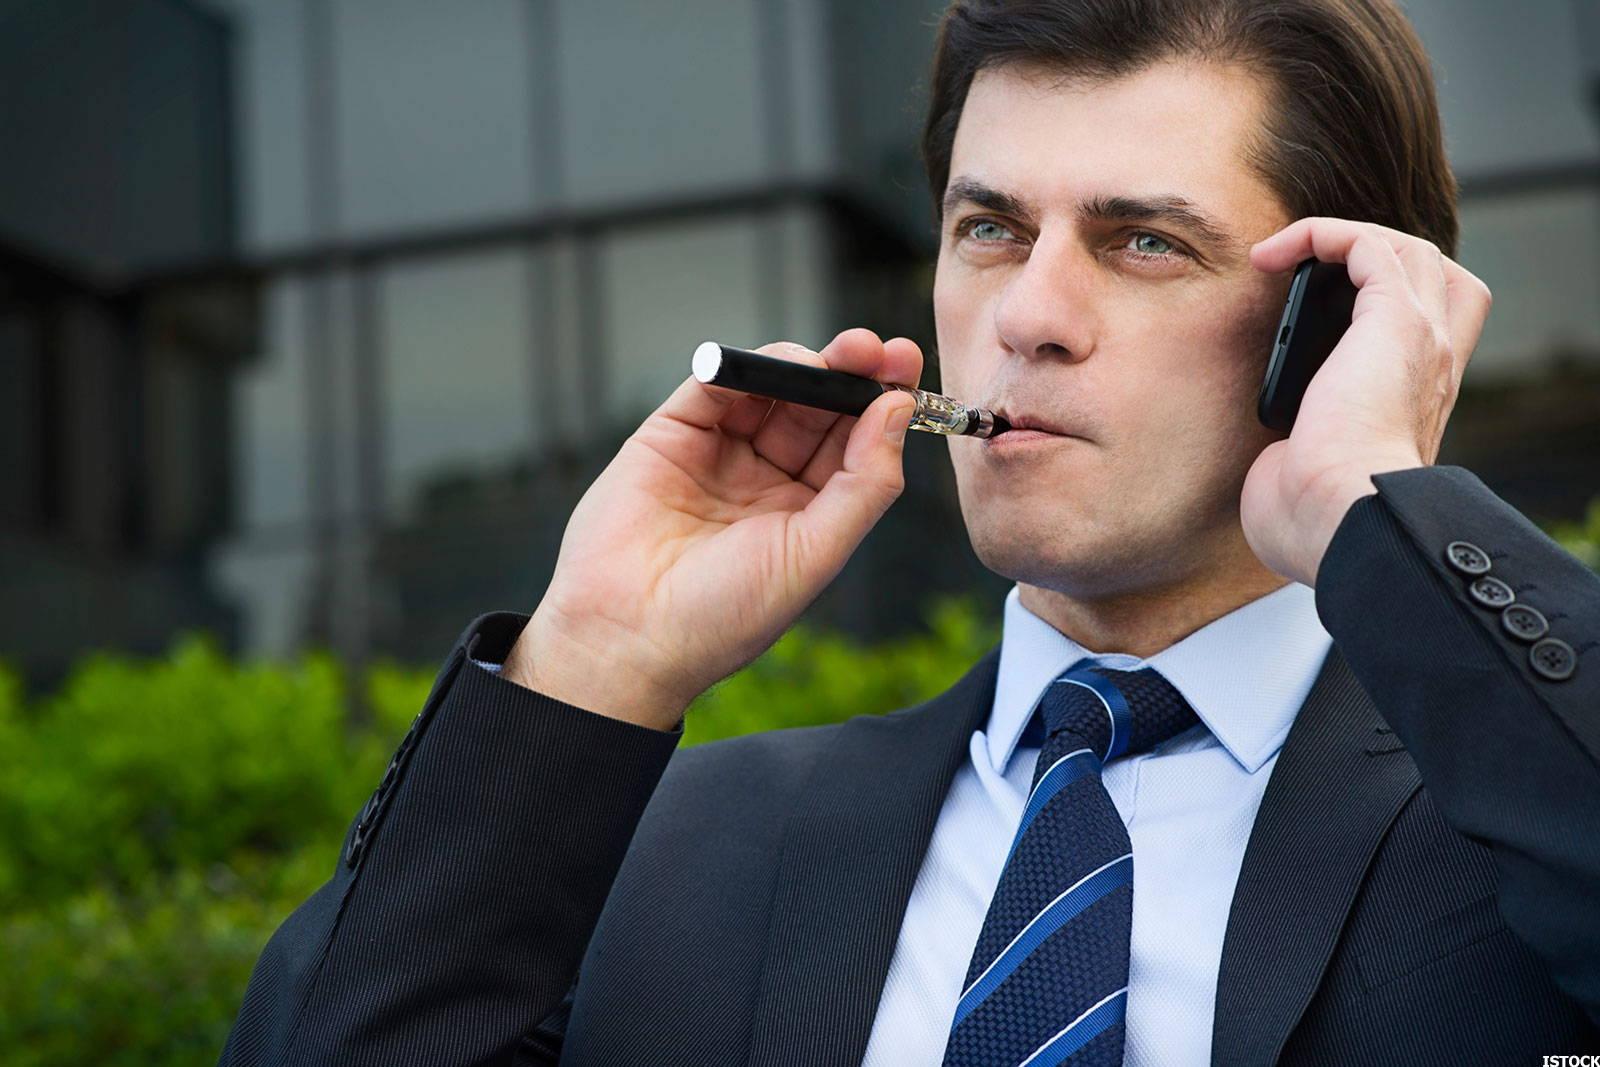 Executive smoking a vape pen